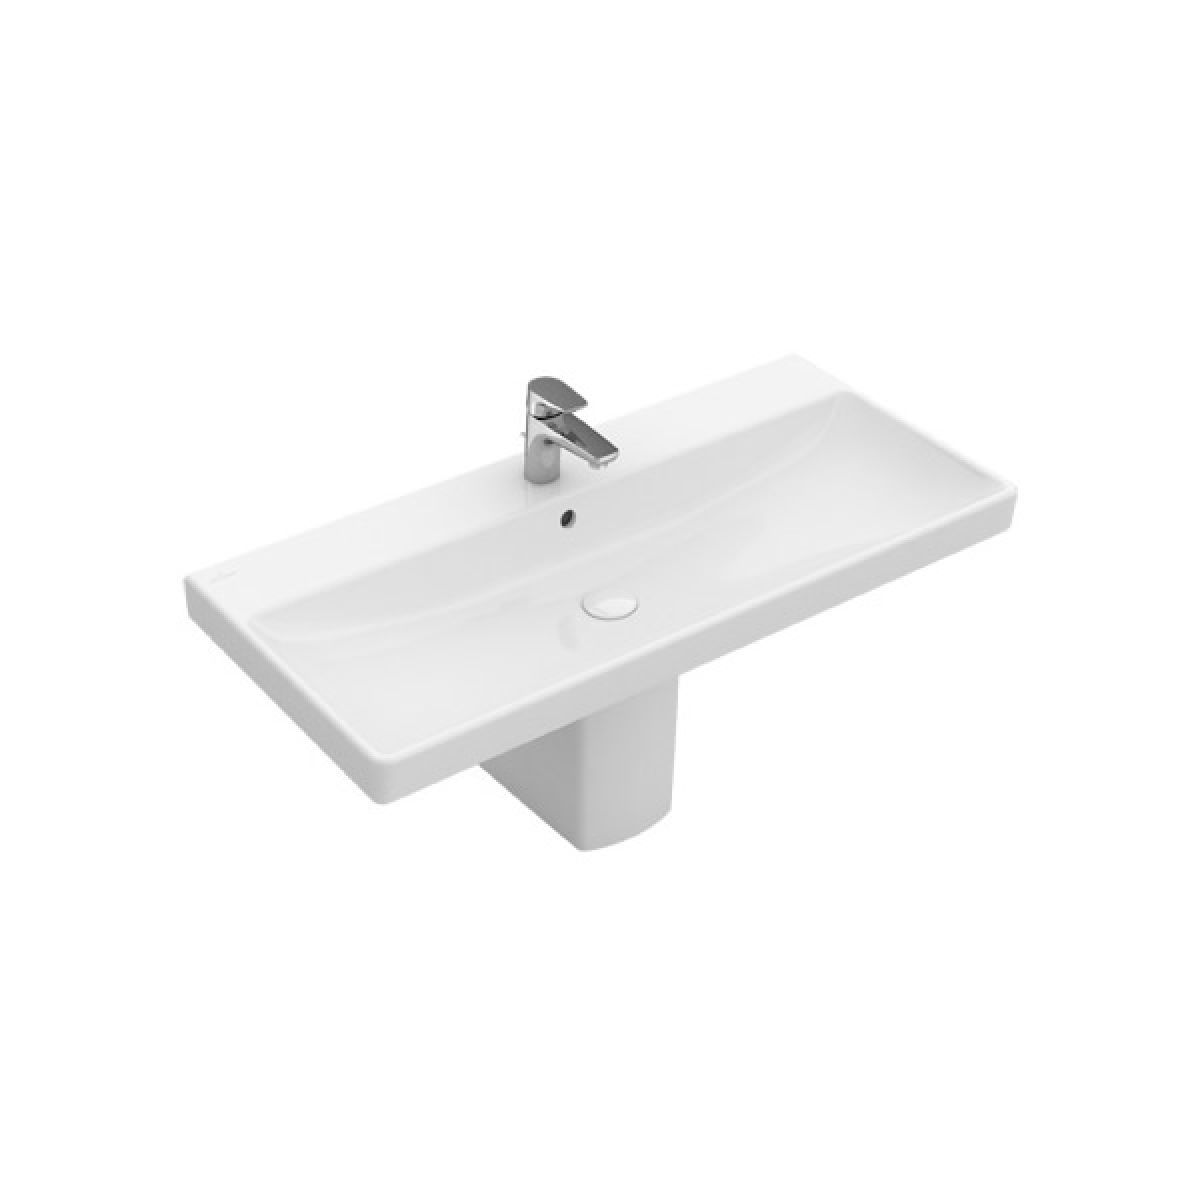 villeroy boch avento washbasin uk bathrooms. Black Bedroom Furniture Sets. Home Design Ideas